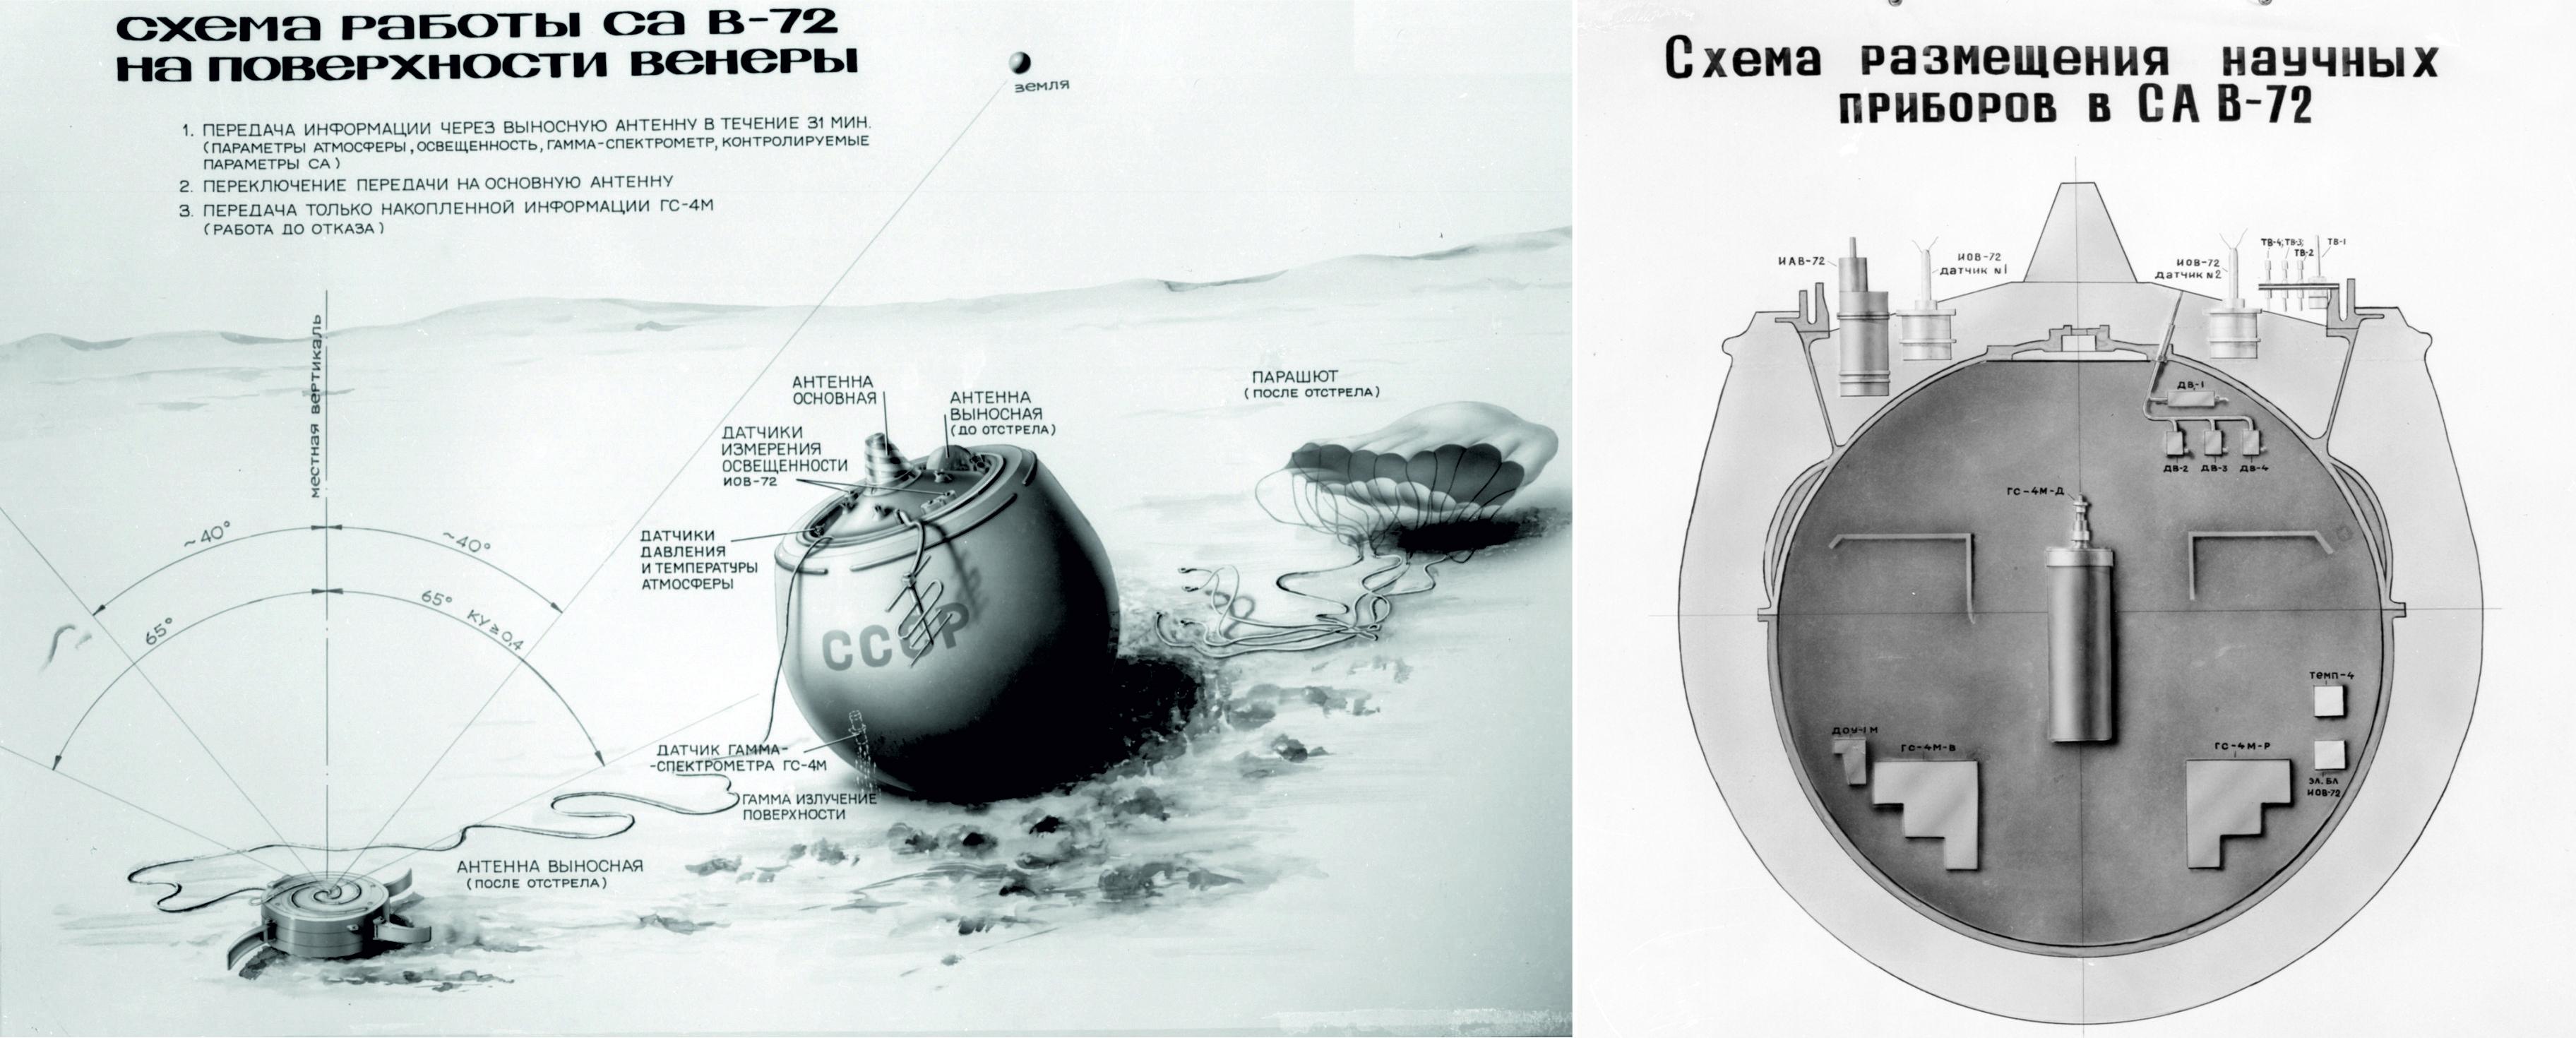 Возвращение советской станции. Анализ и документы